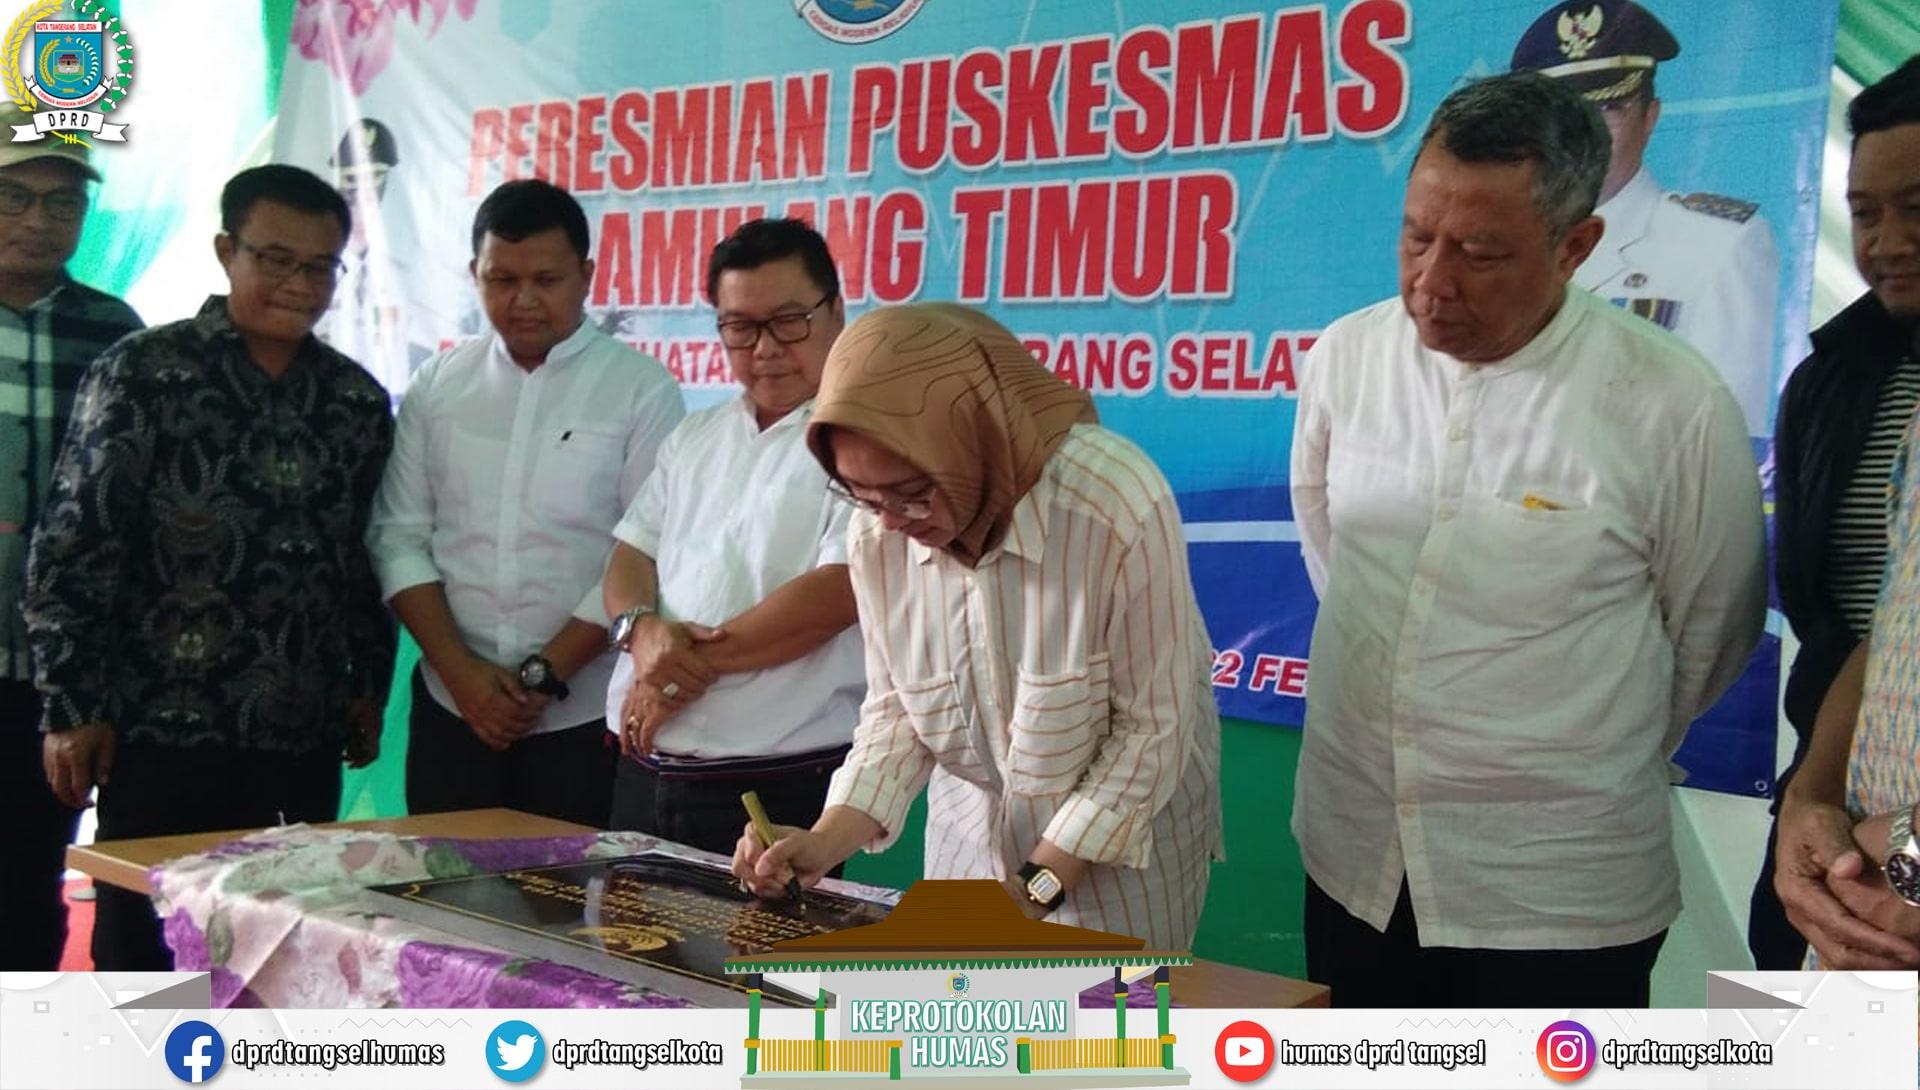 Wakil Ketua DPRD Tangsel menghadiri Peresmian Puskesmas Pamulang Timur